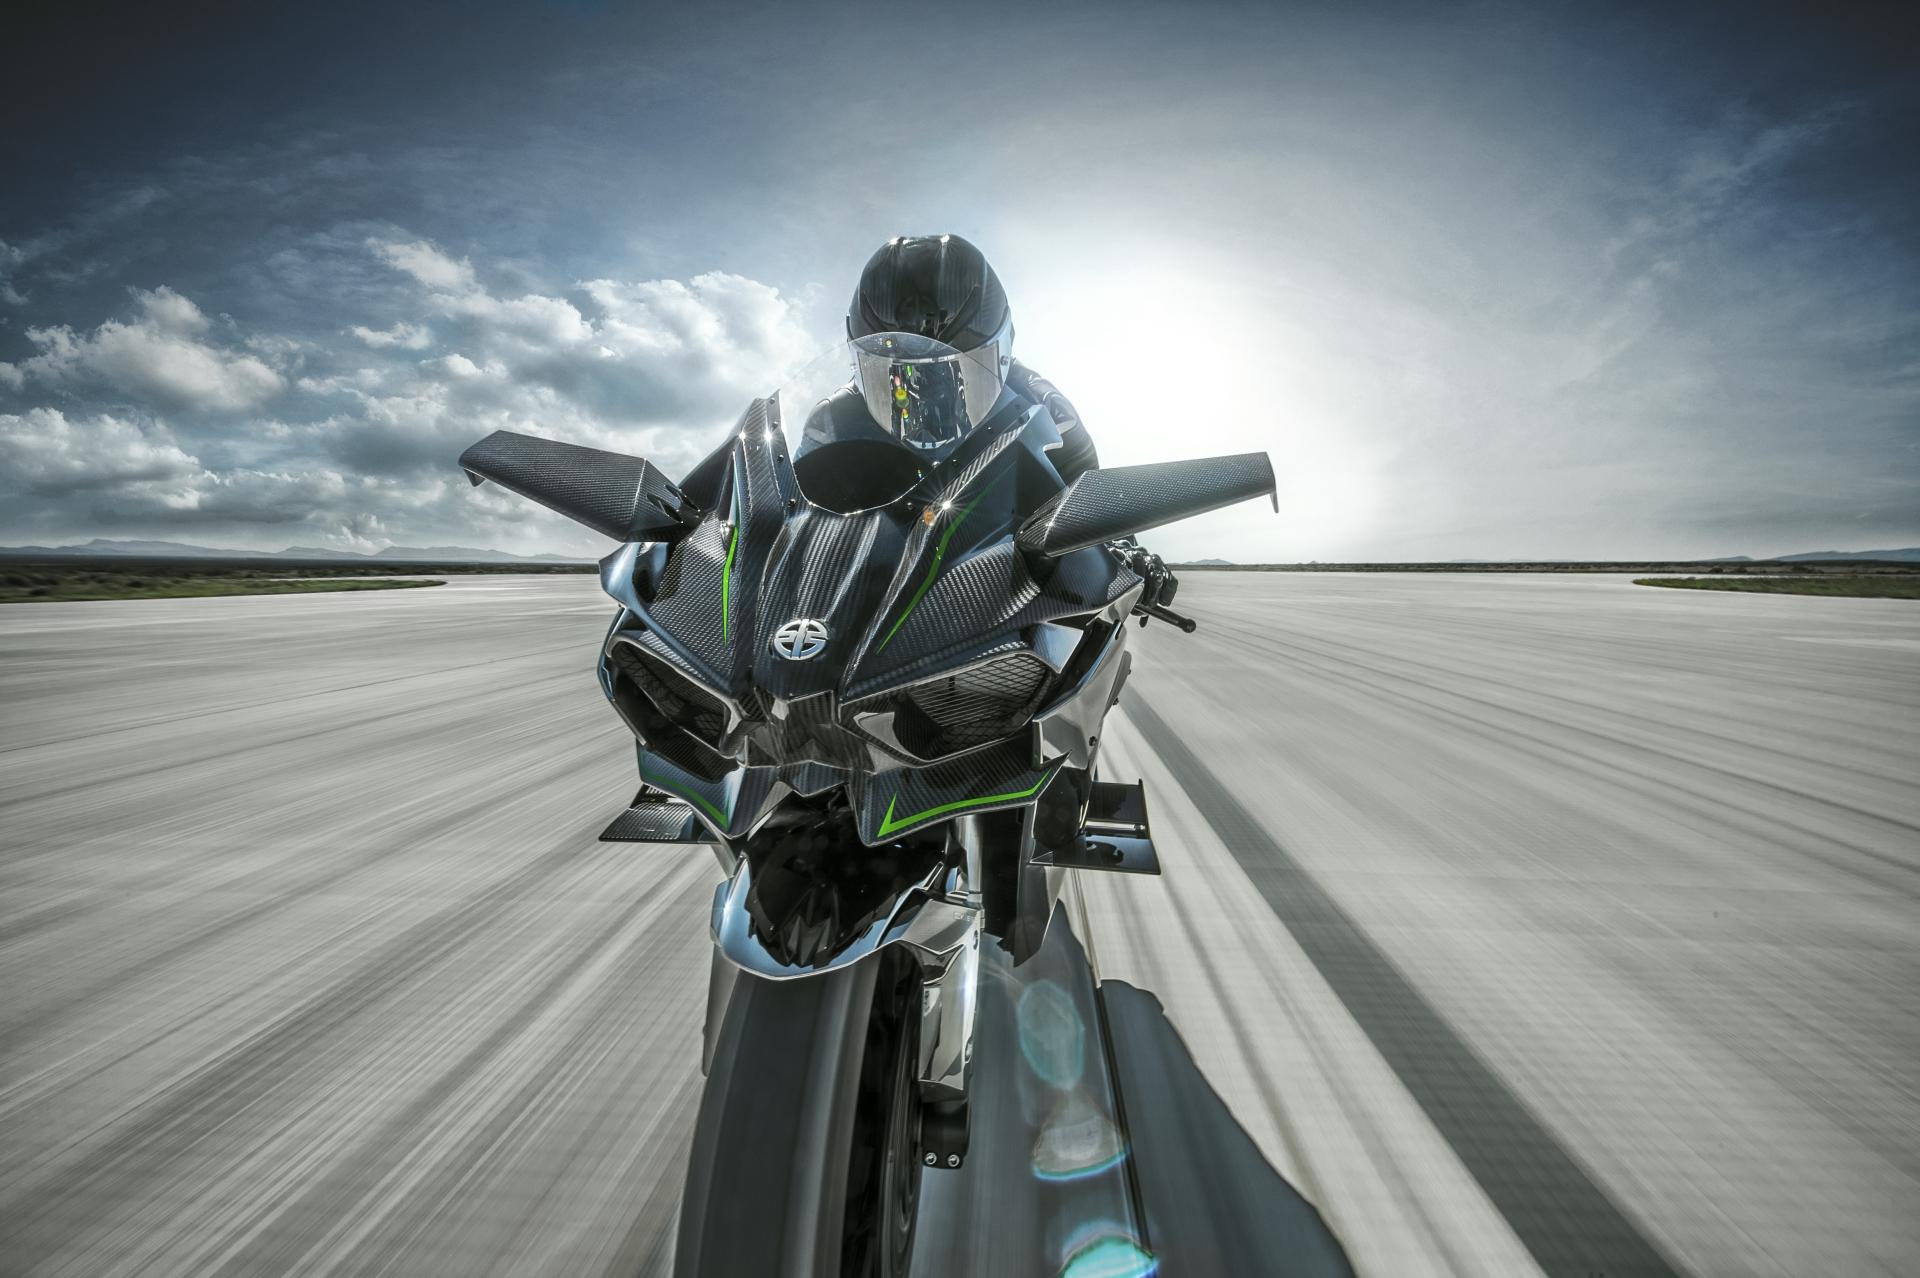 Video Kenan Sofuoglu Pone La Kawasaki H2R A 391 Km H Motos Autobildes